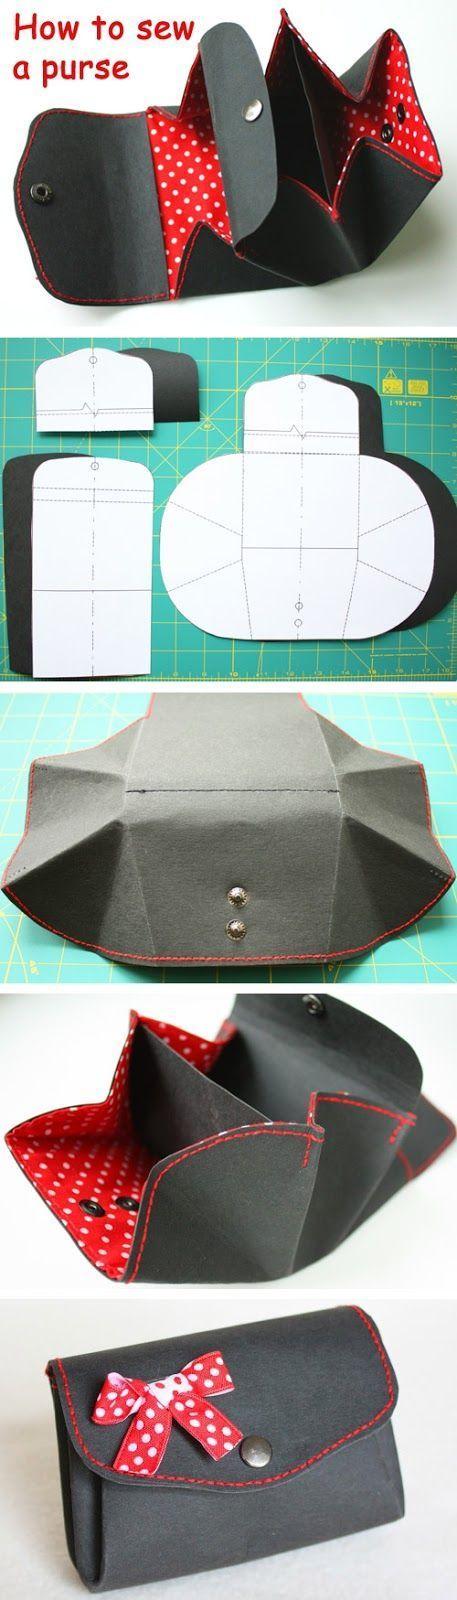 Anleitung für einen Geldbeutel aus Textil und Kraft-Tex mit Schittmuster http://www.handmadiya.com/2015/10/purse-kraft-tex-fabric-tutorial.html: